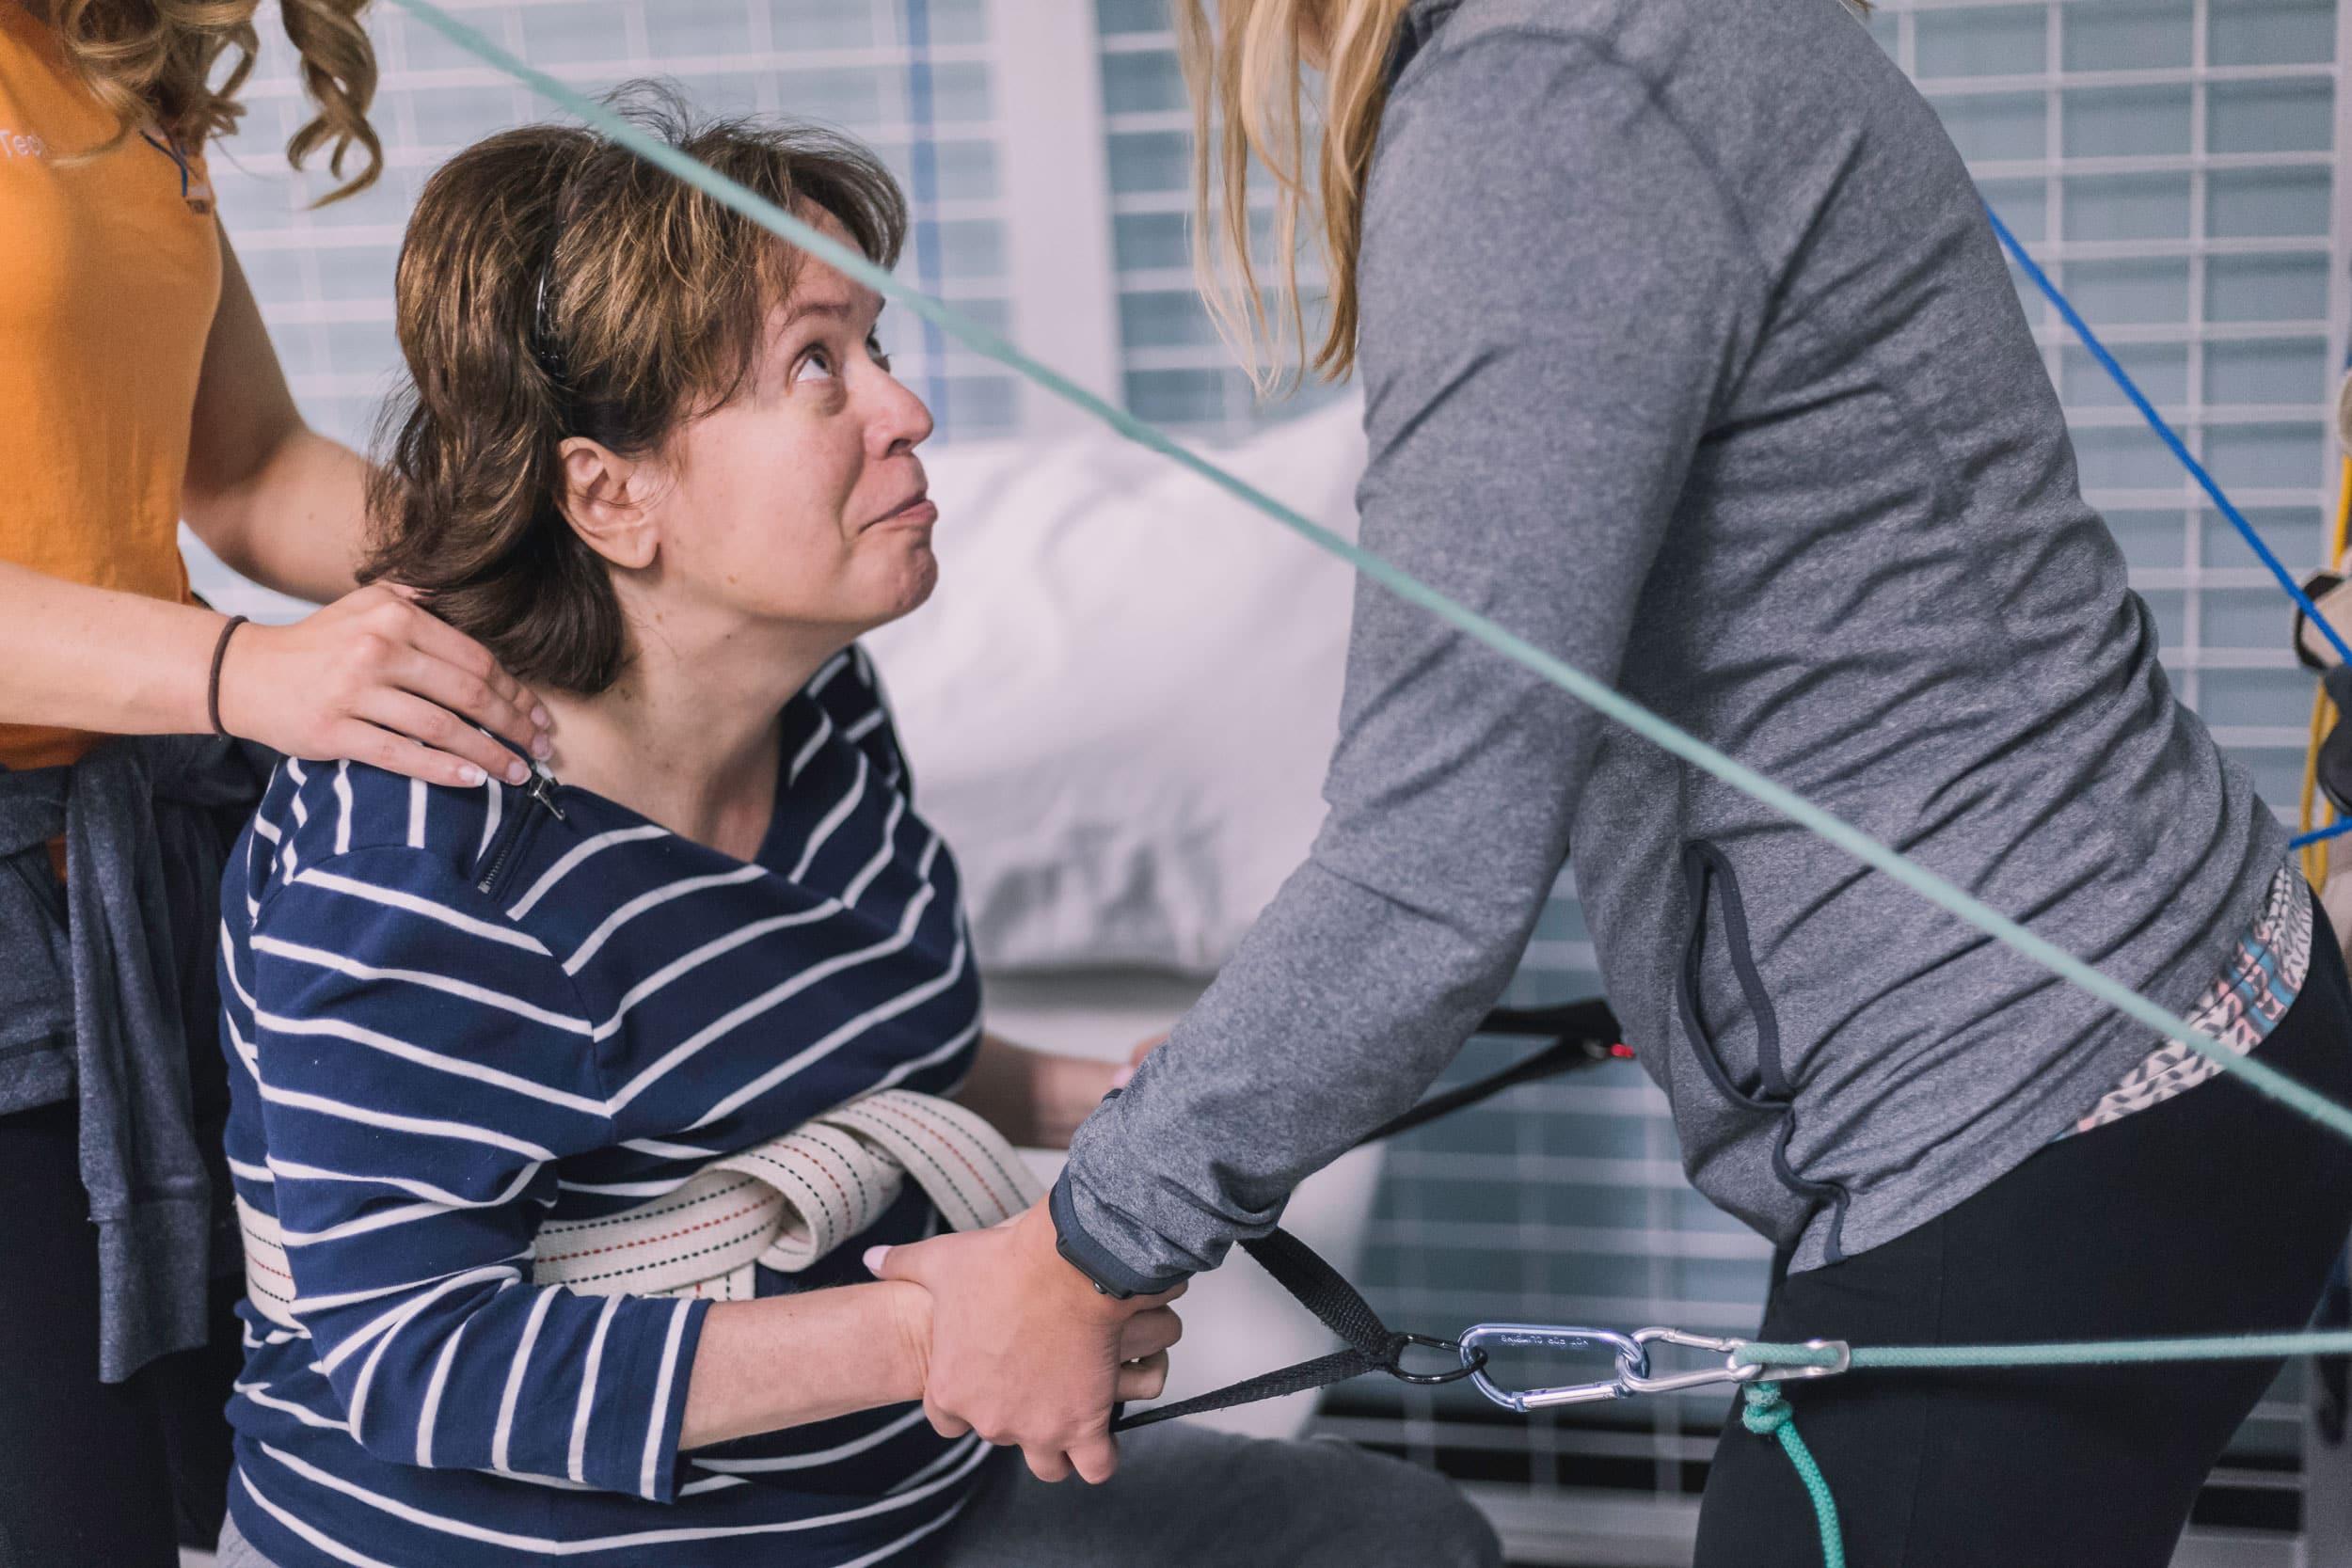 Cwjr Continuing Patient Education